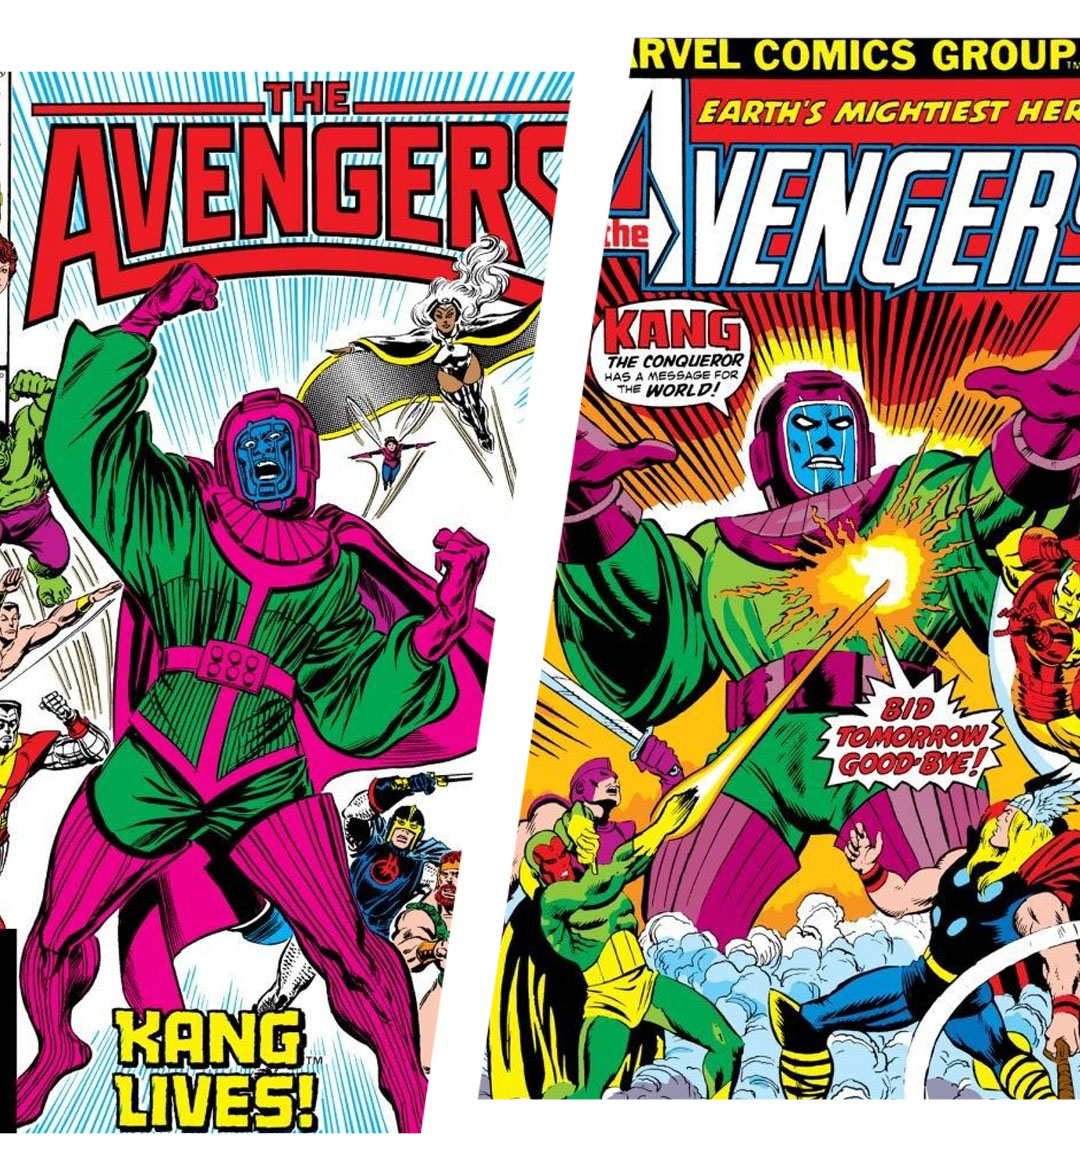 kang comics mobile